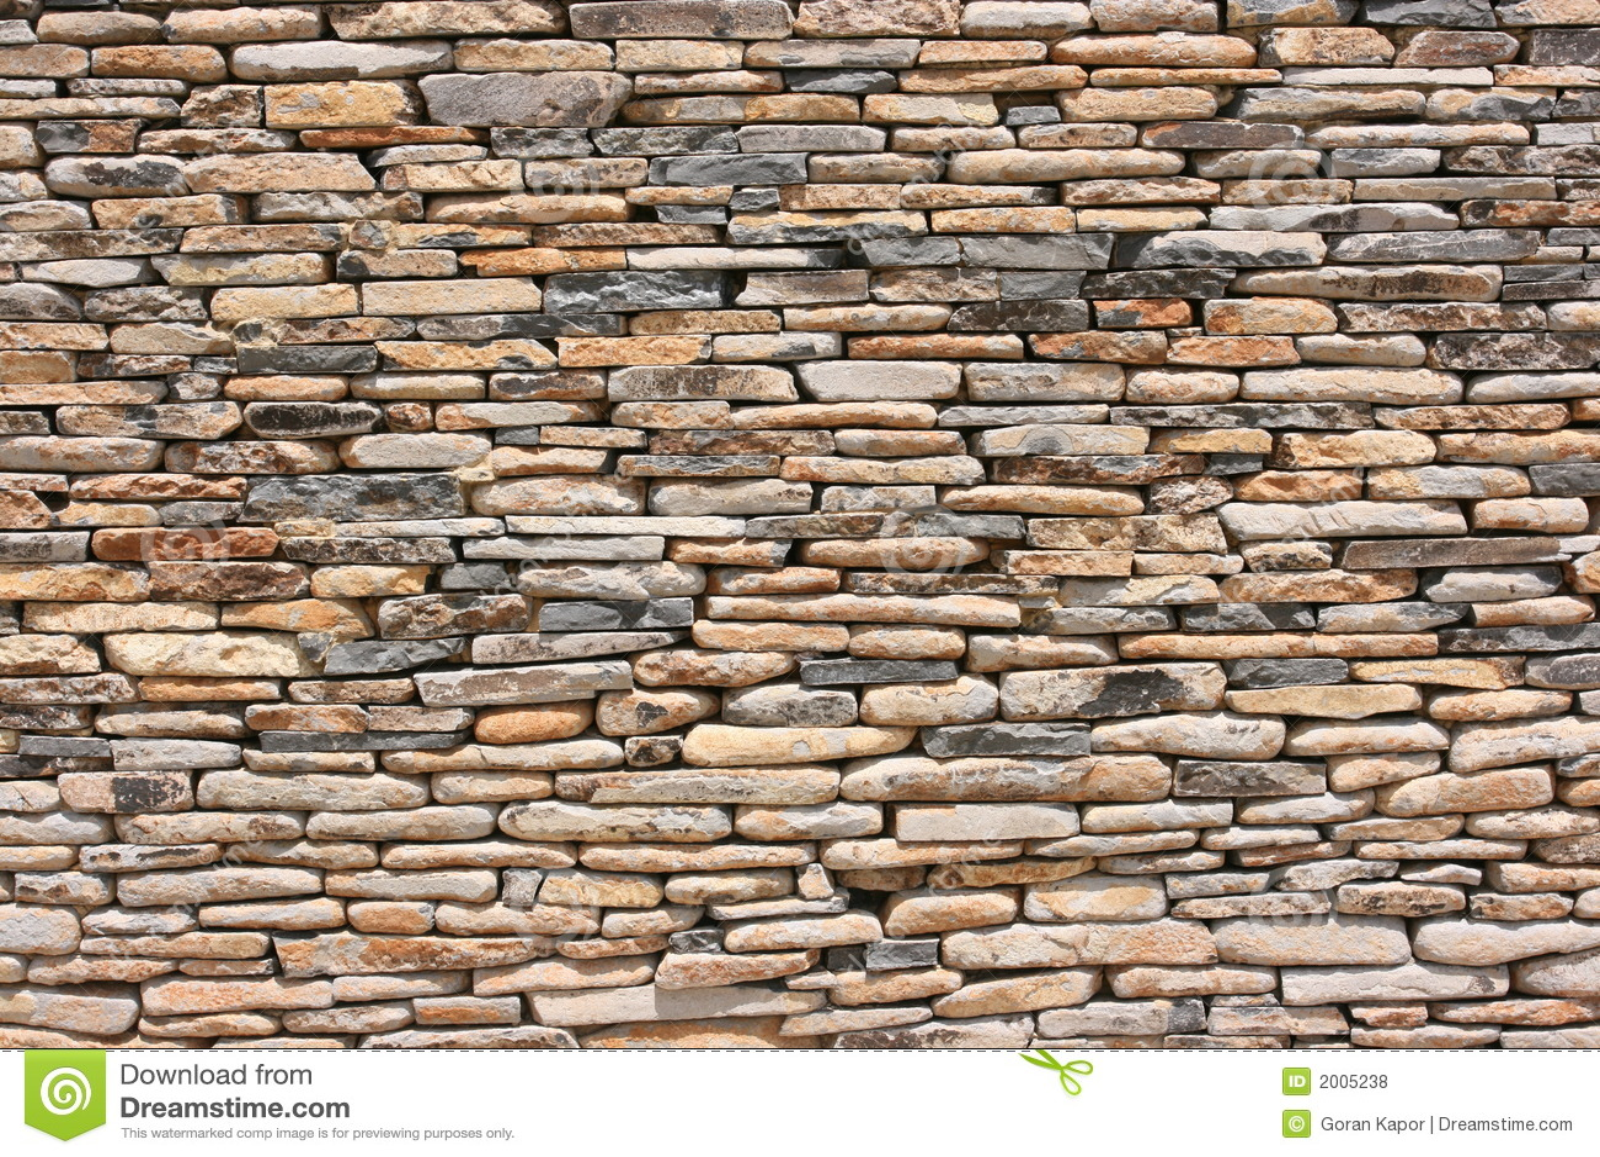 dry pattern stone wall